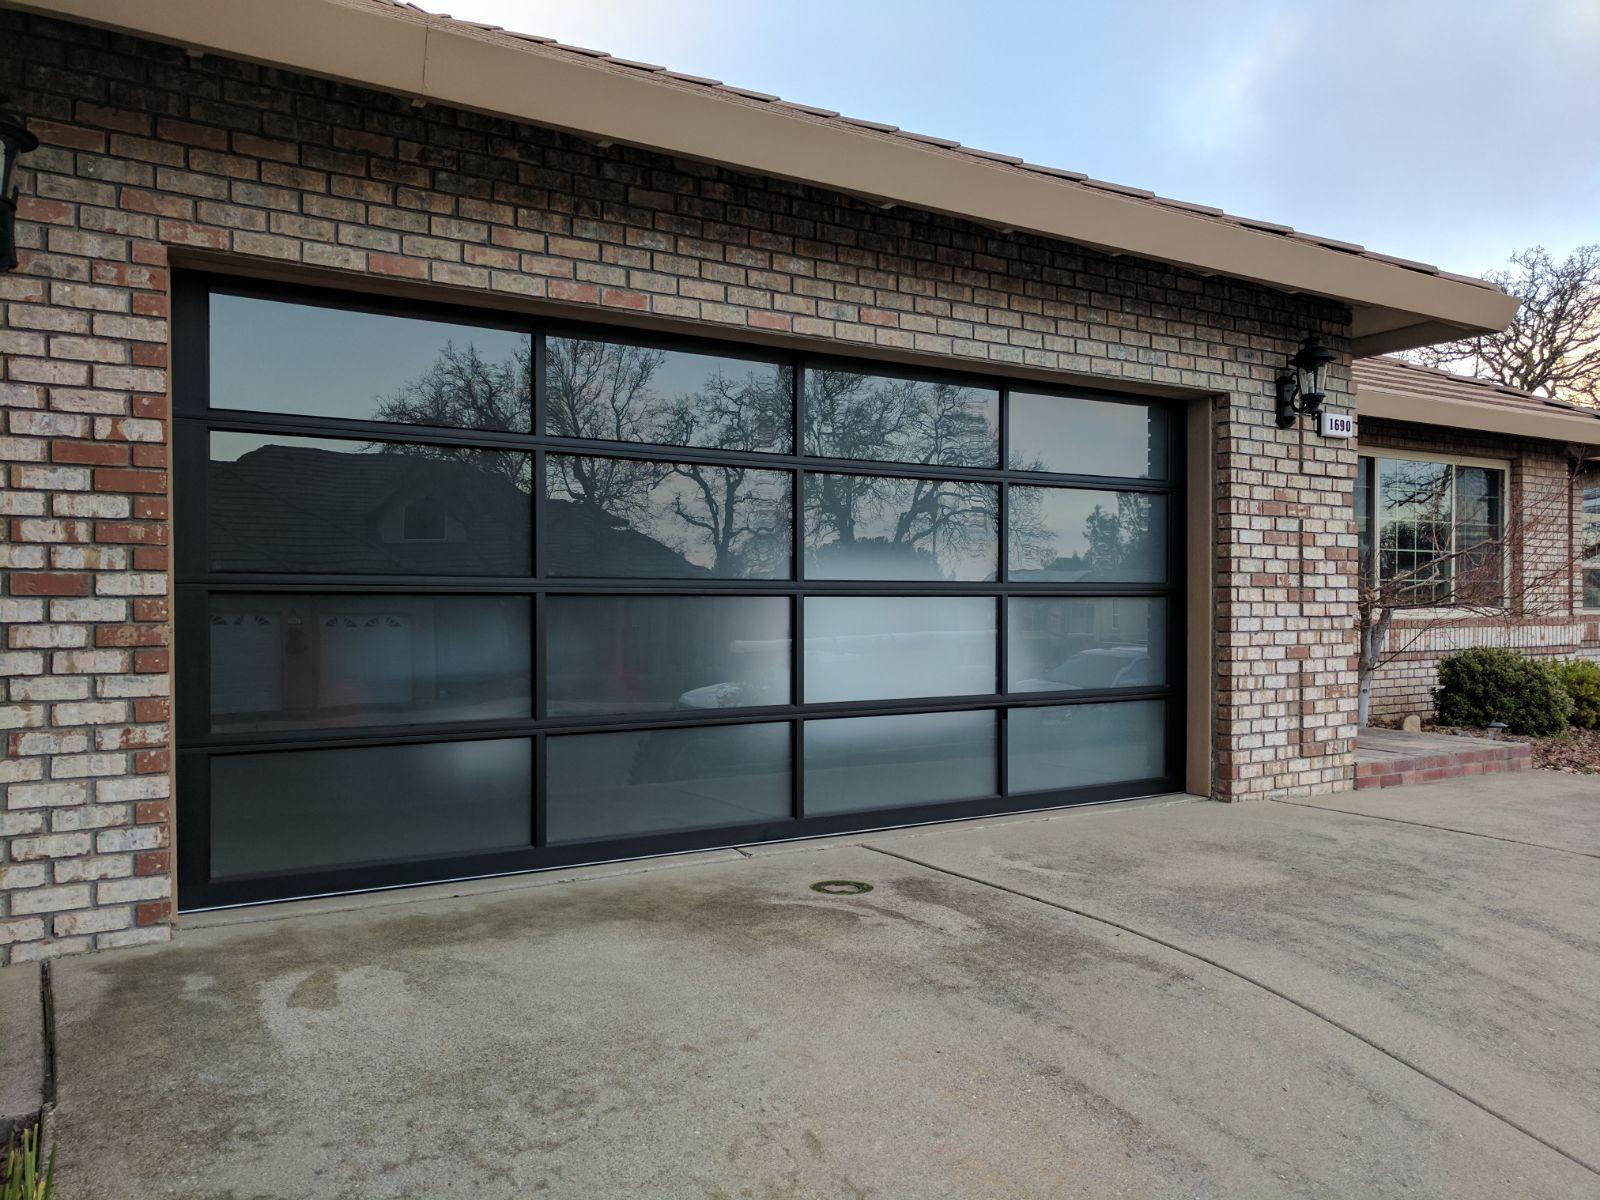 1200 #2C669F Perfect Solutions Garage Door Inc In Roseville CA 95678  pic Garage Doors Inc 38411600